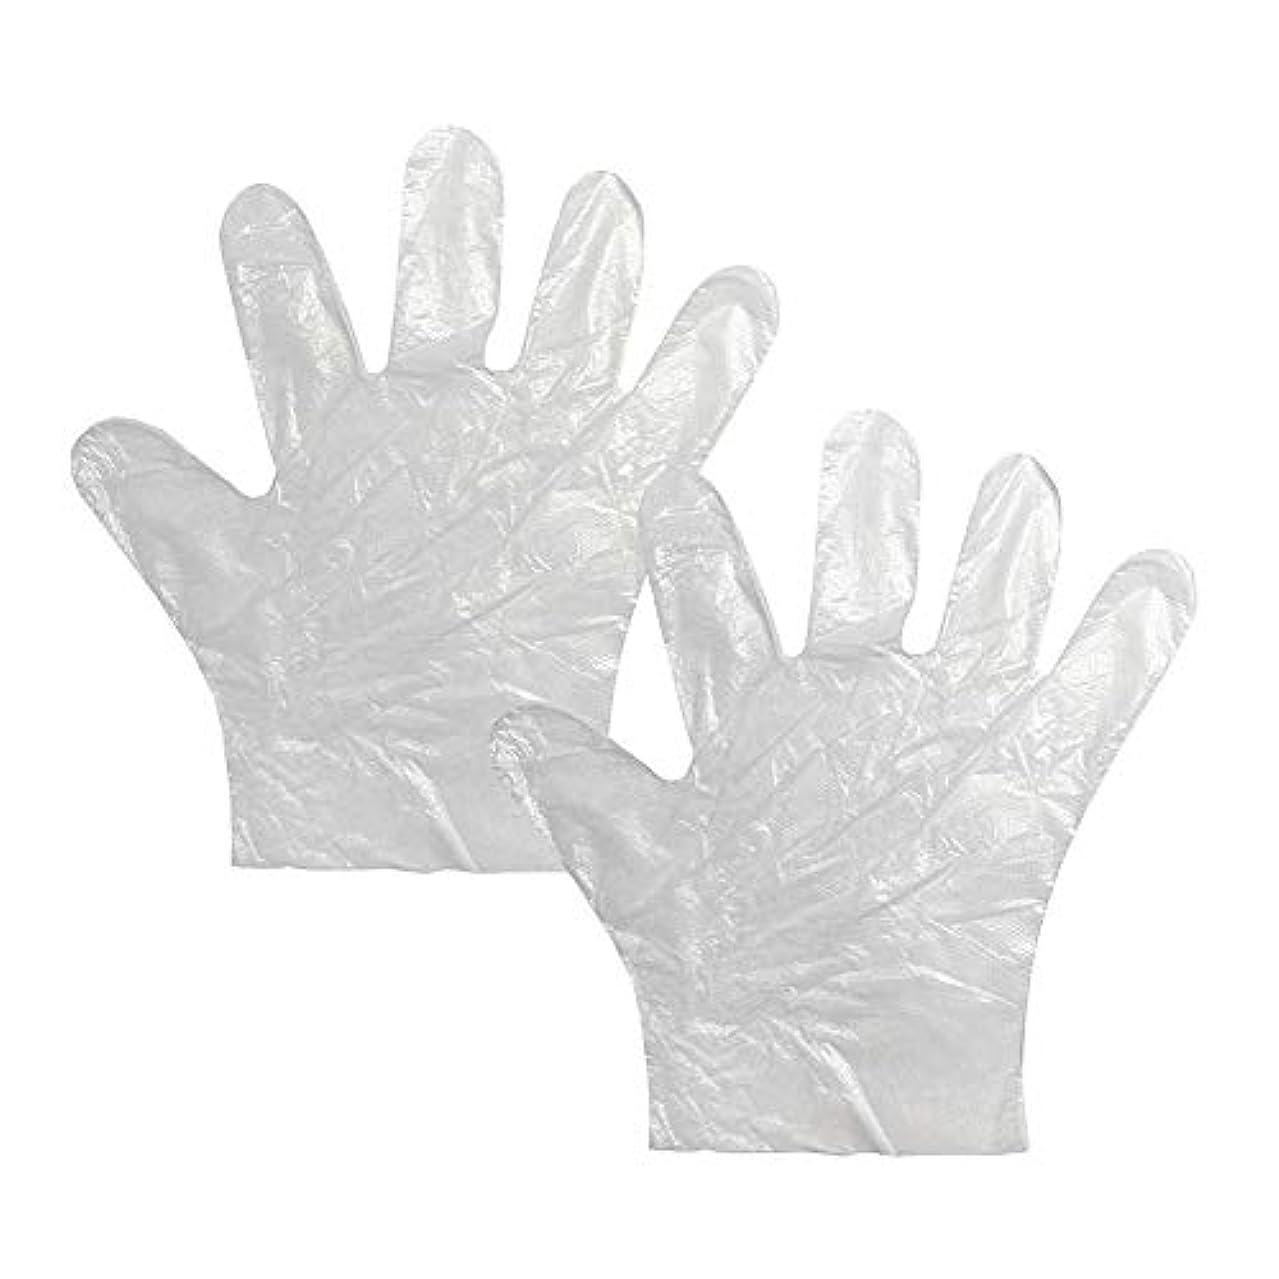 消化信仰追放するKUKUYA(ククヤ) 使い捨て手袋 極薄ビニール手袋 ポリエチレン 透明 実用 衛生 100枚*2セット